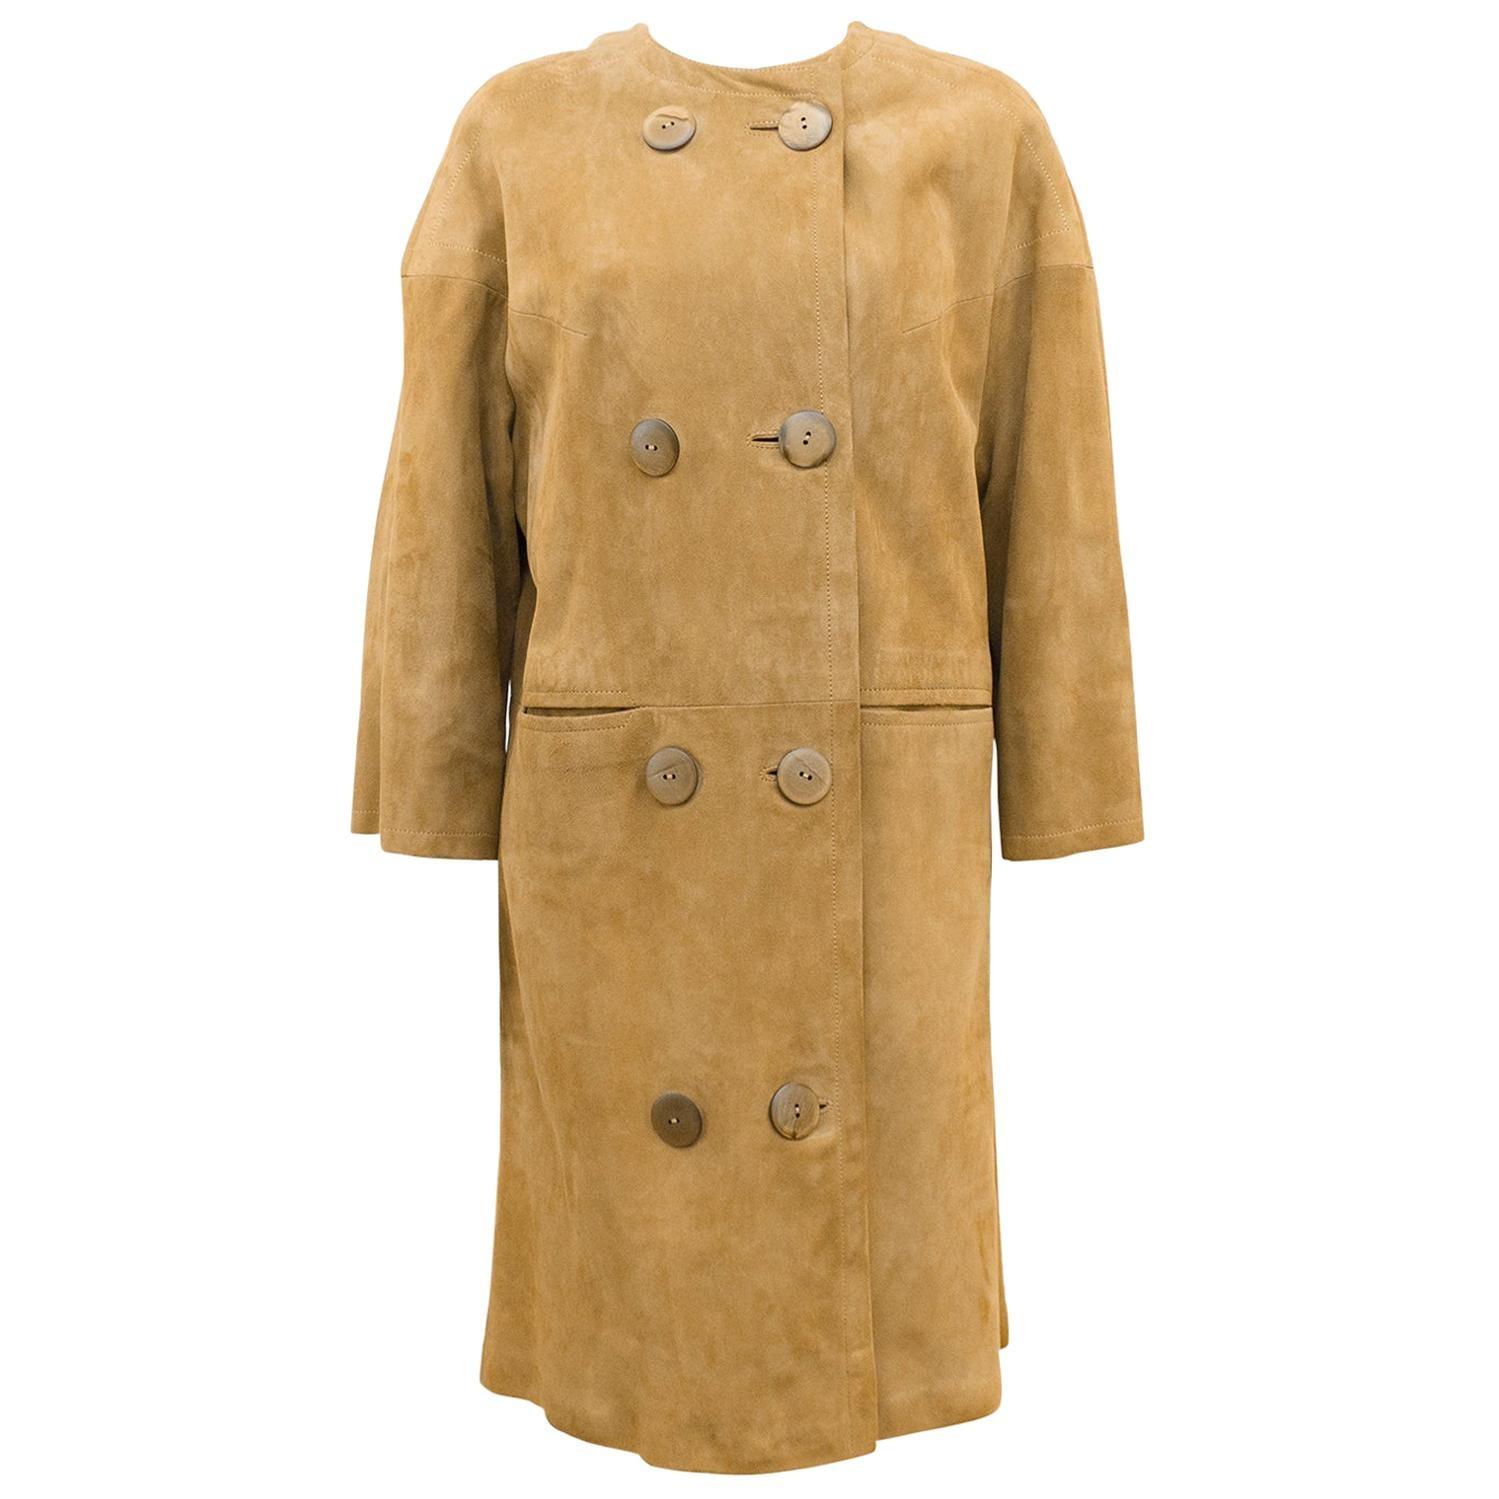 1960s Mod Swedish Designer Beige Kid Suede Coat